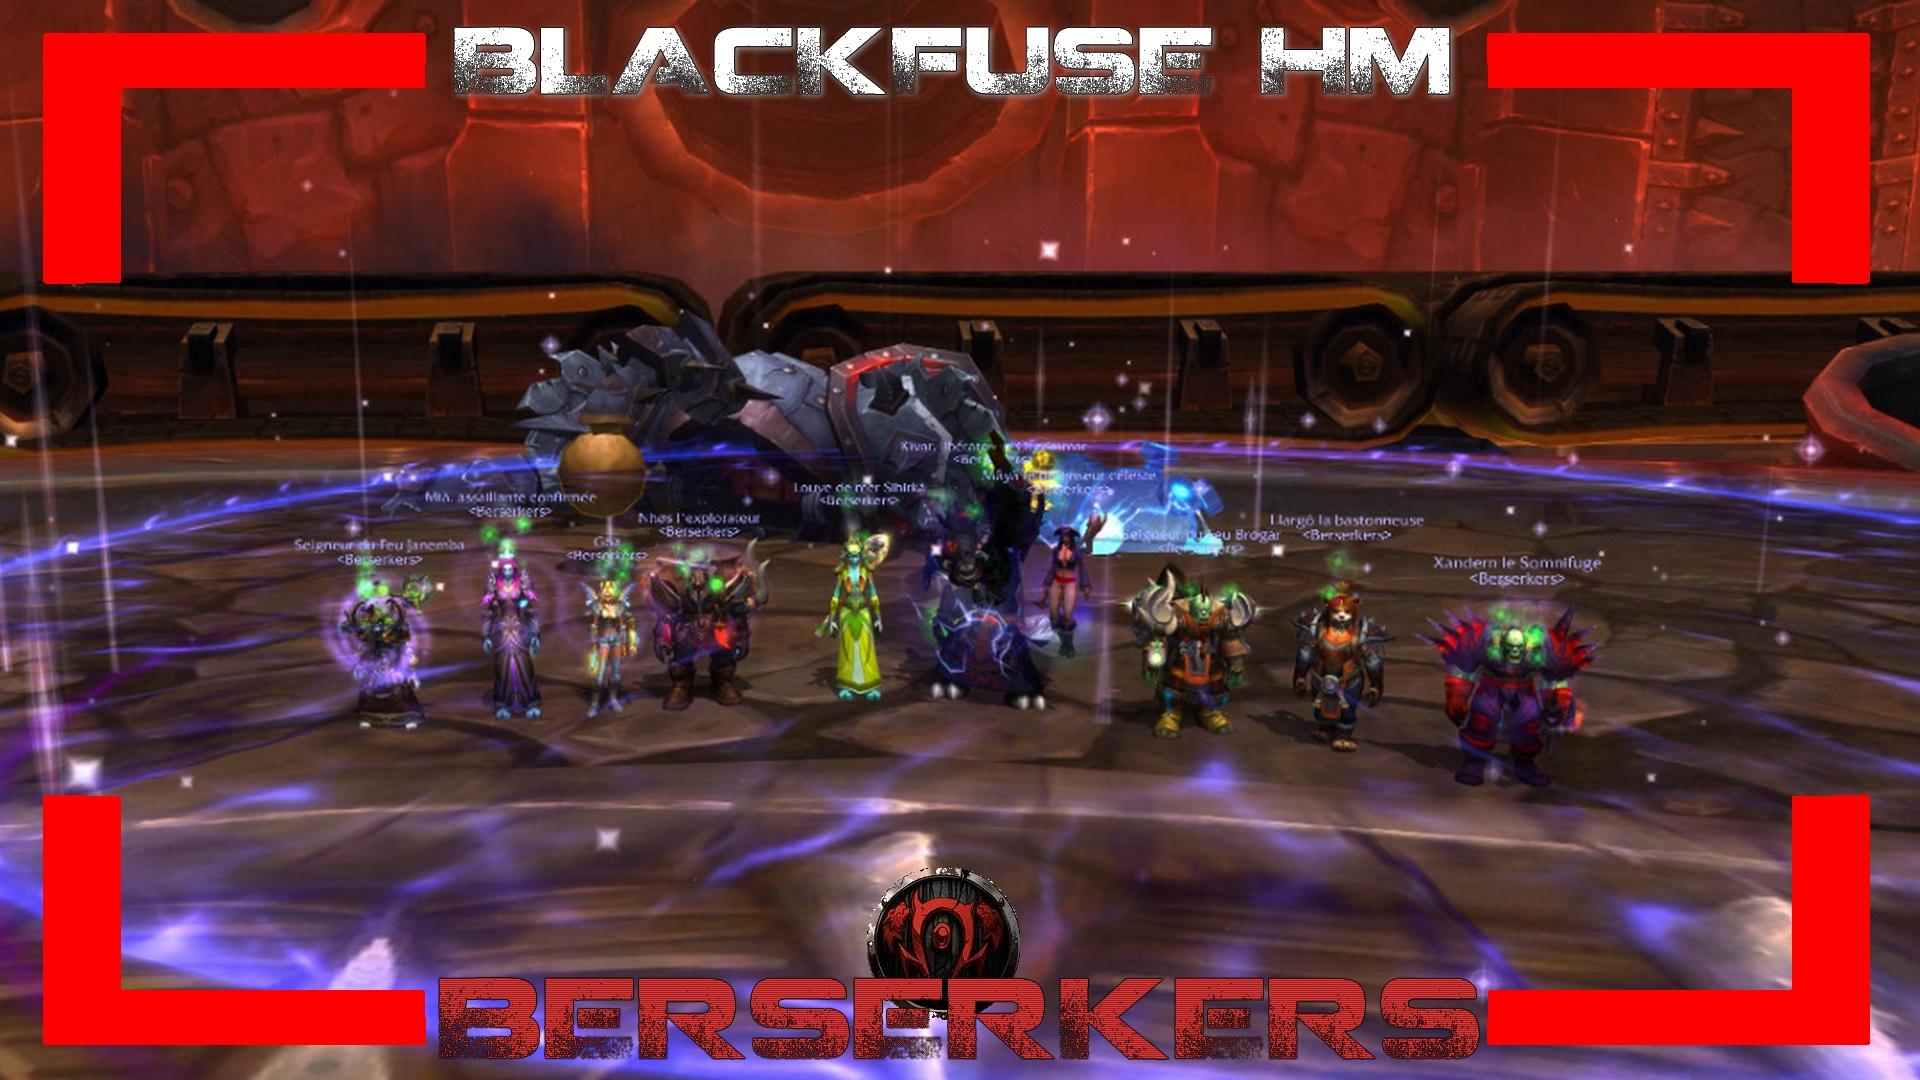 http://galleries.guildlaunch.net/331711/BLACKFUSE%20HM9493.jpg